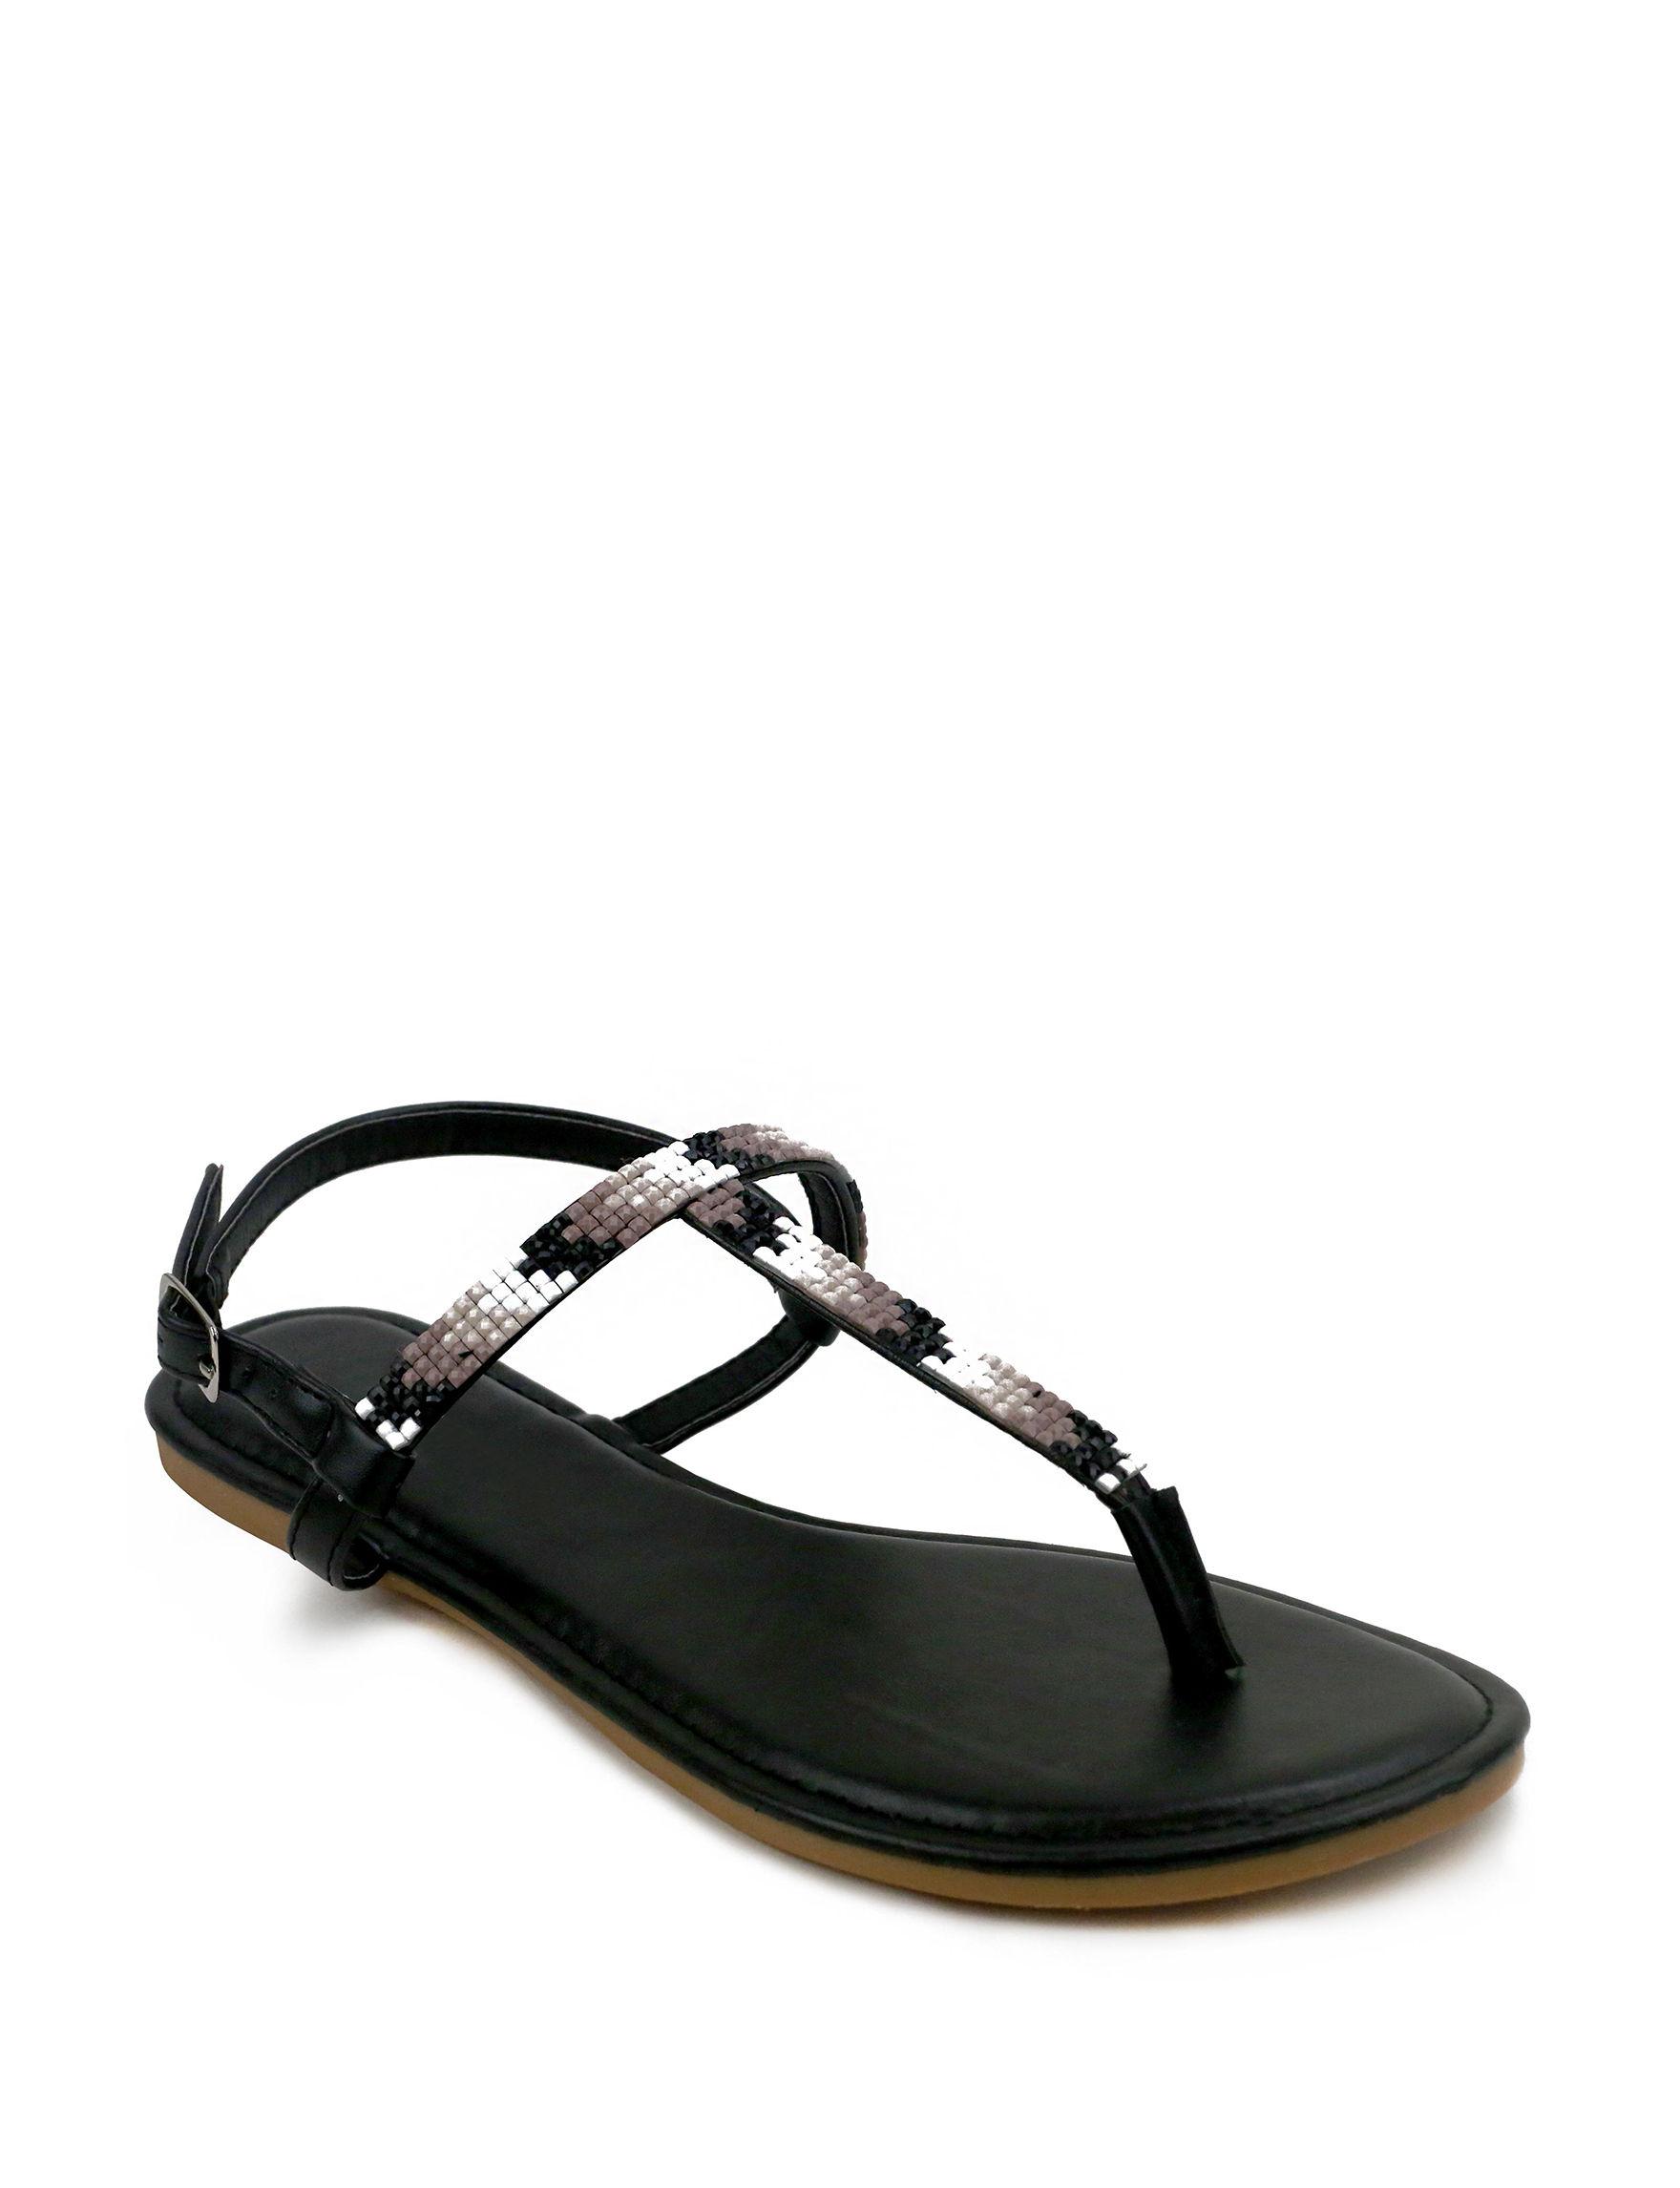 Olivia Miller Black Flat Sandals Flip Flops